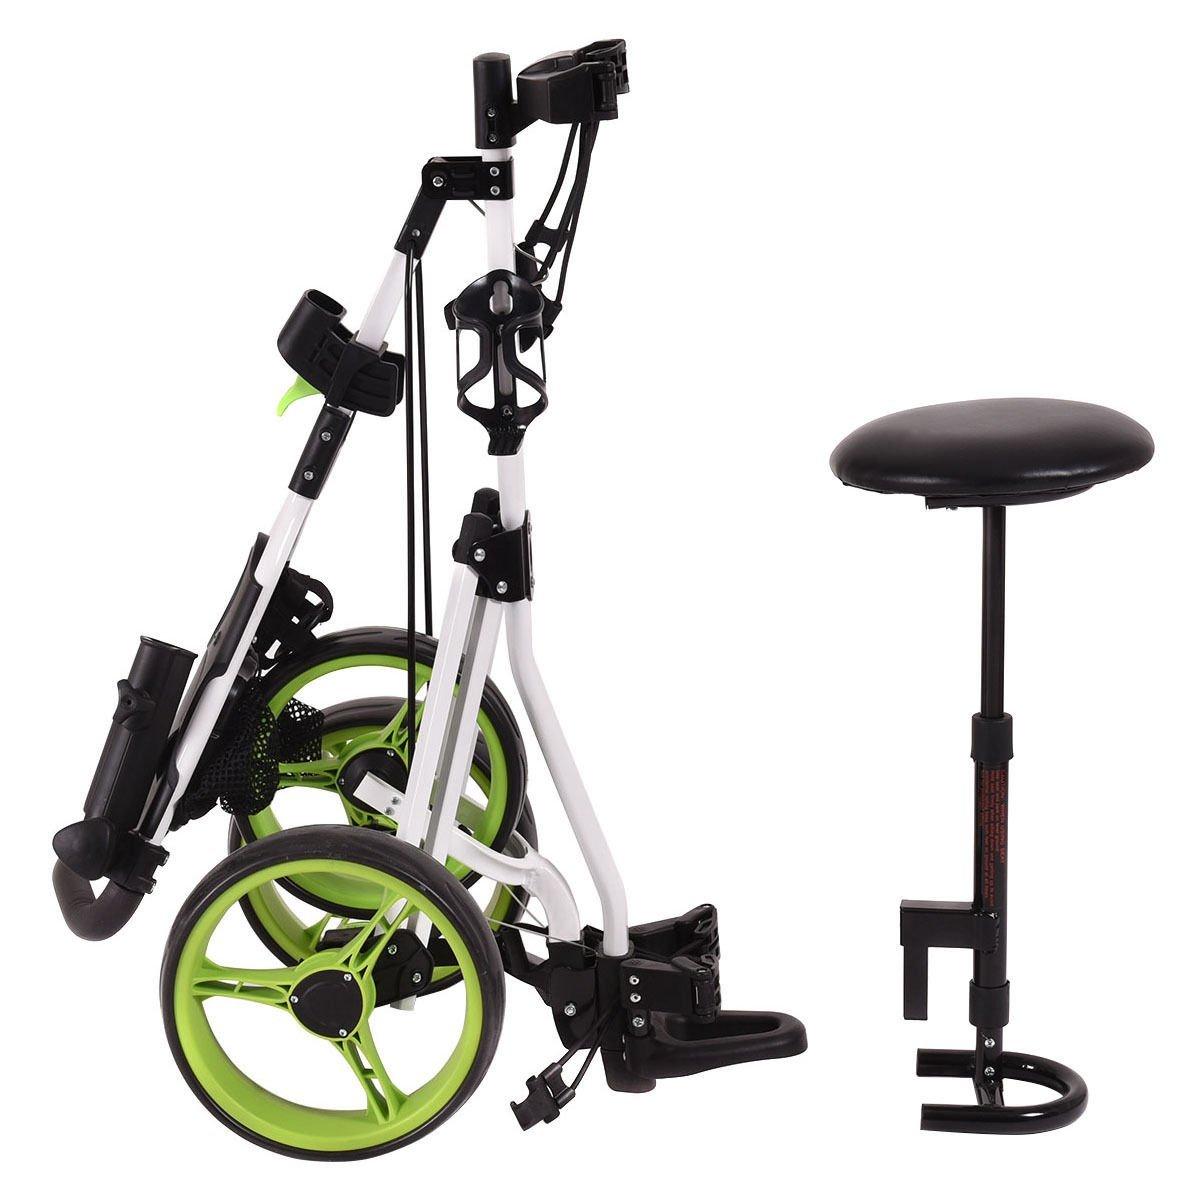 Tangkula Swivel 3 Wheel Push Pull Golf Trolley Carts